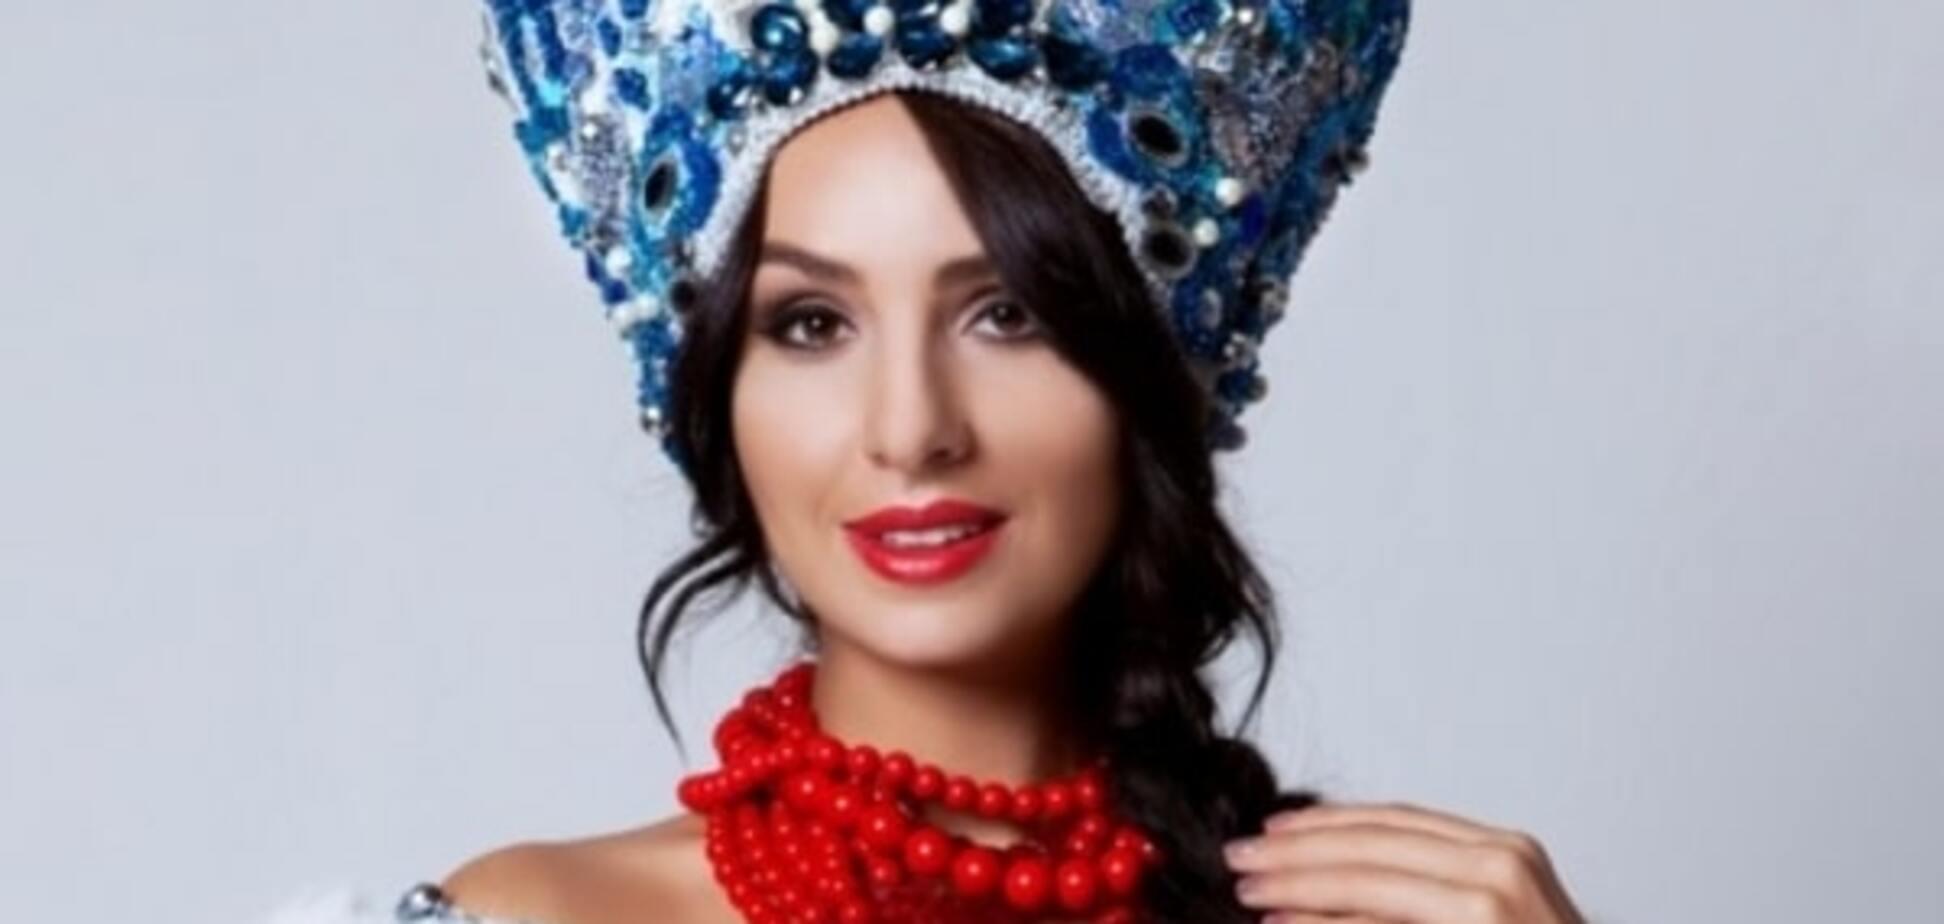 'Королева Криму' підкорюватиме світ в імператорському вбранні Росії